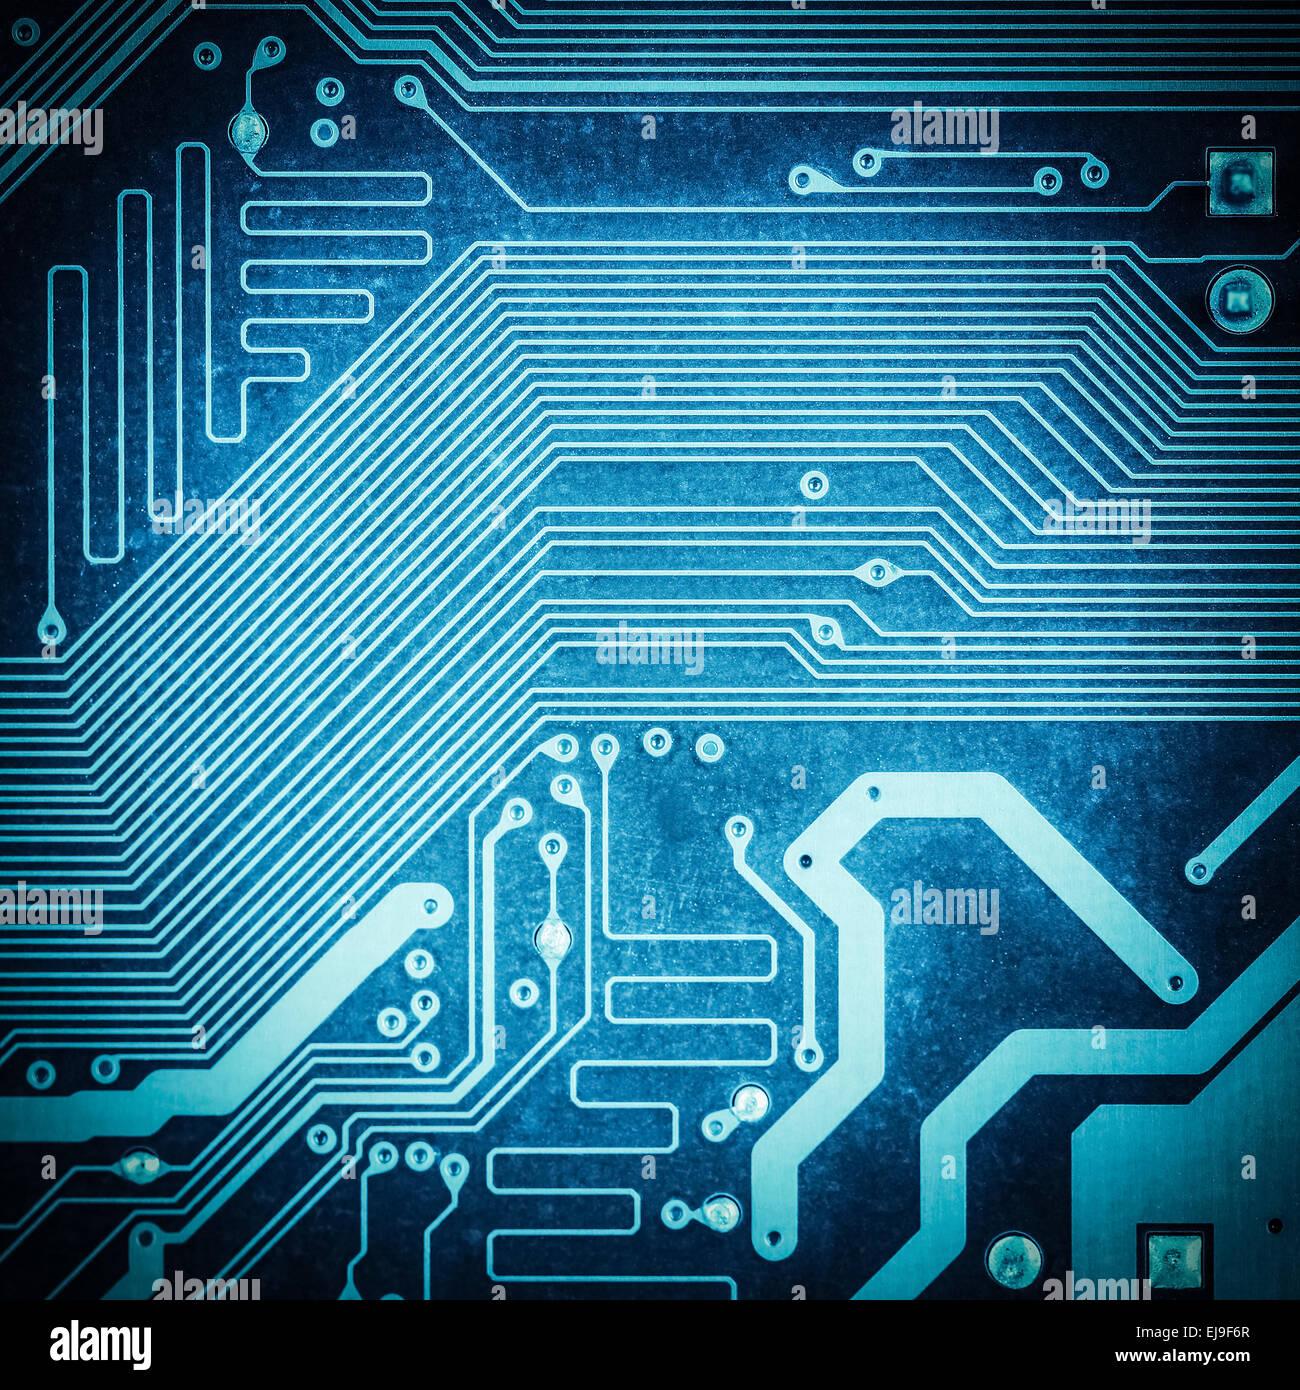 circuit board texture closeup Stock Photo: 80114799 - Alamy